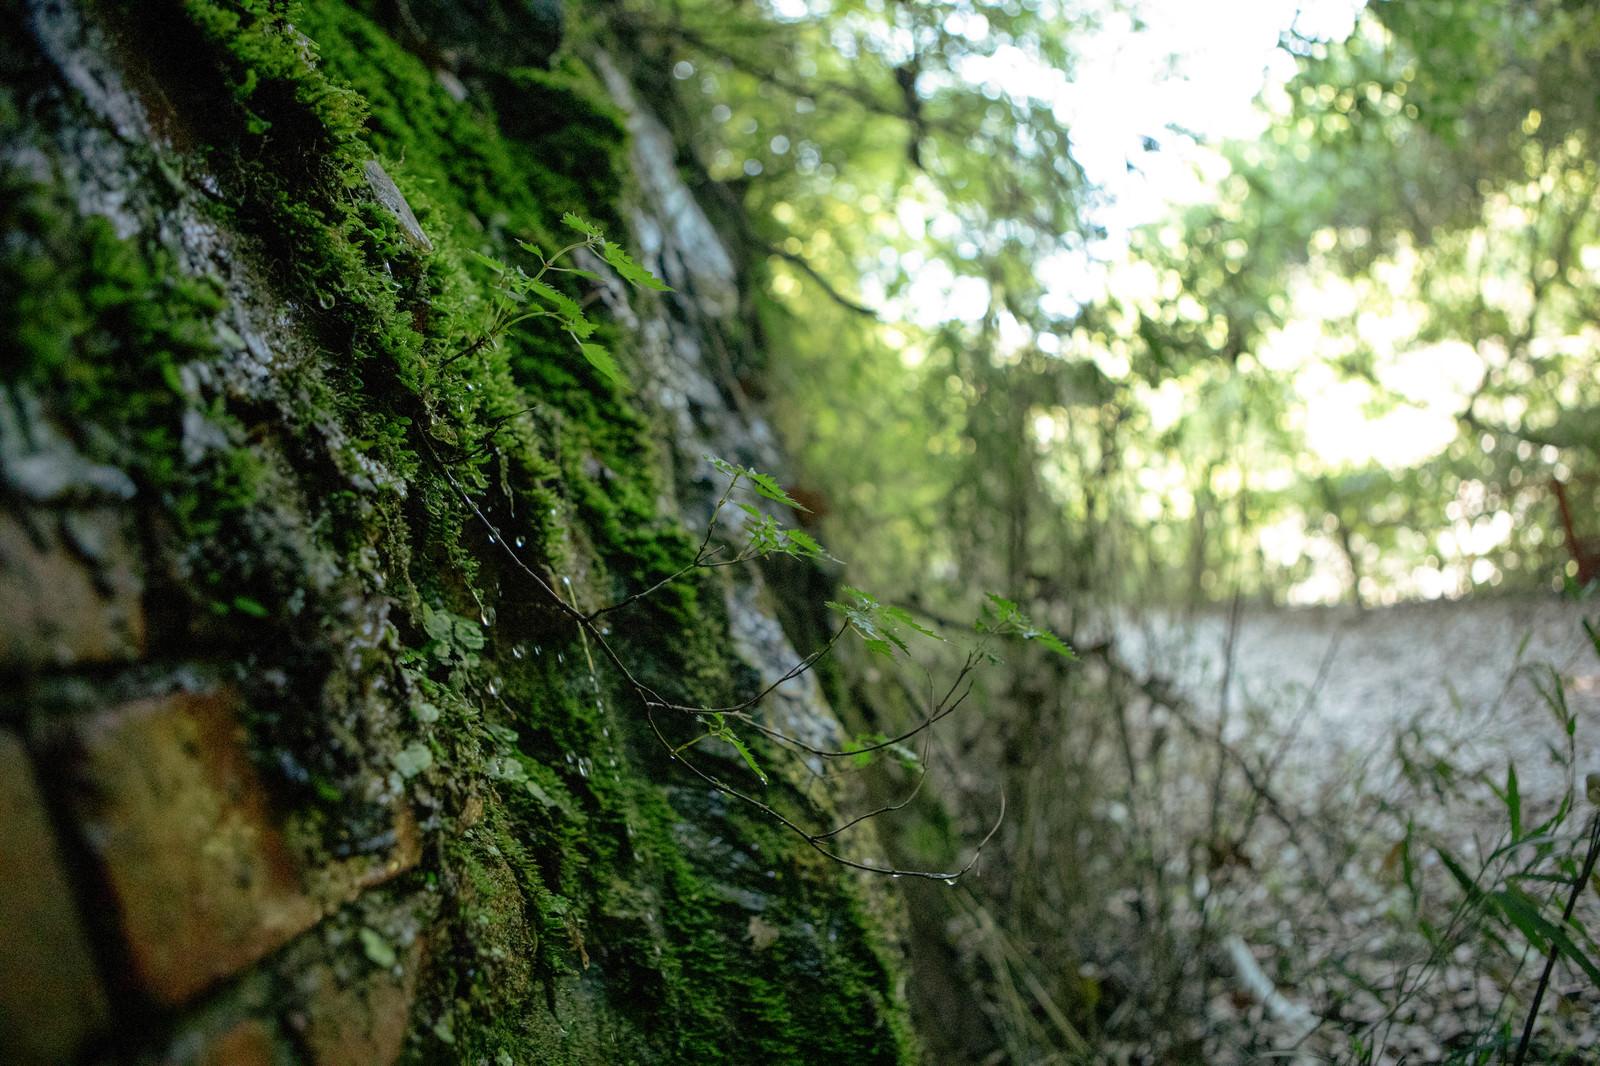 「苔むすレンガの壁と植物」の写真